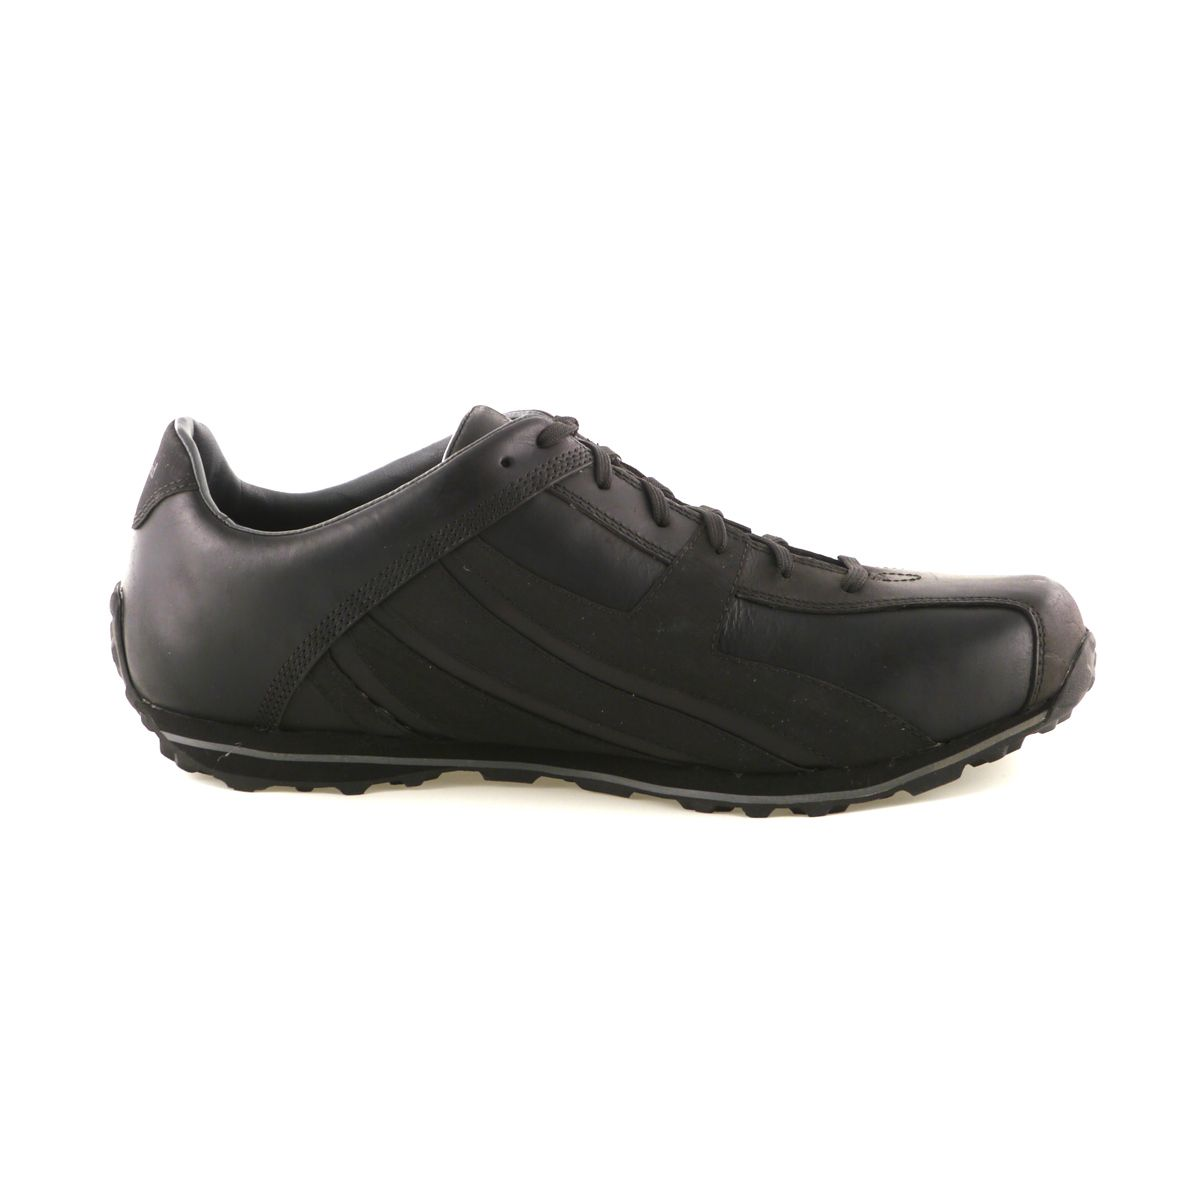 chaussures fells black grande taille du 47 5 au 50 size. Black Bedroom Furniture Sets. Home Design Ideas